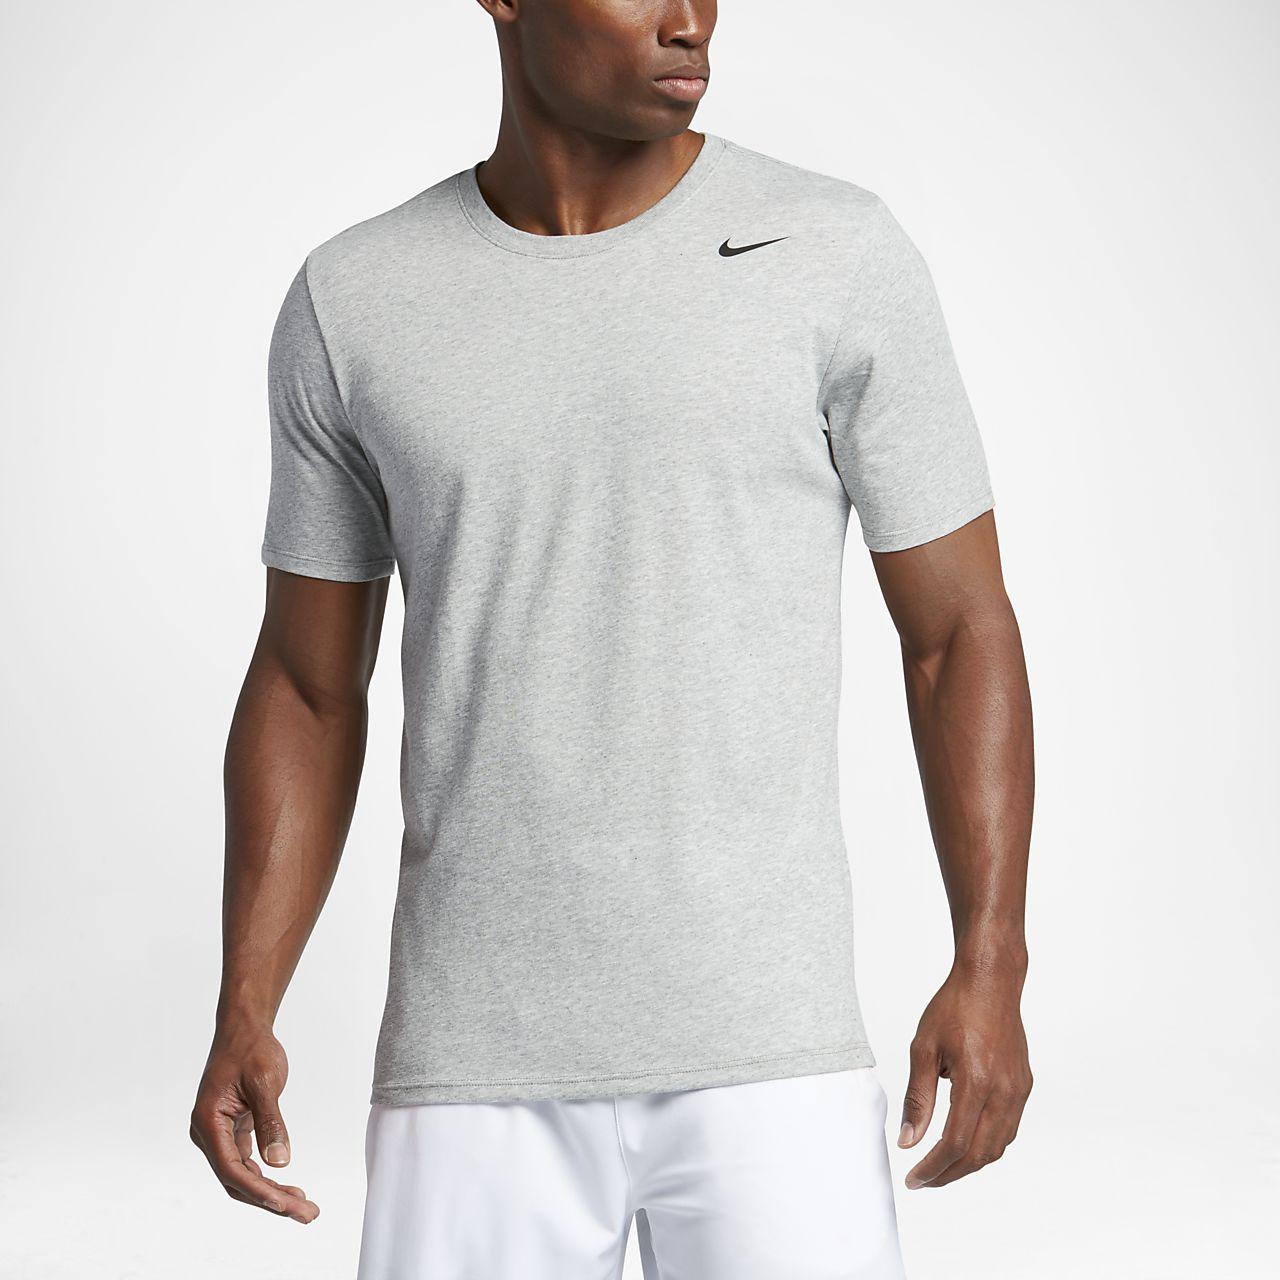 Tee shirt de training à manches courtes Nike Dri FIT pour Homme